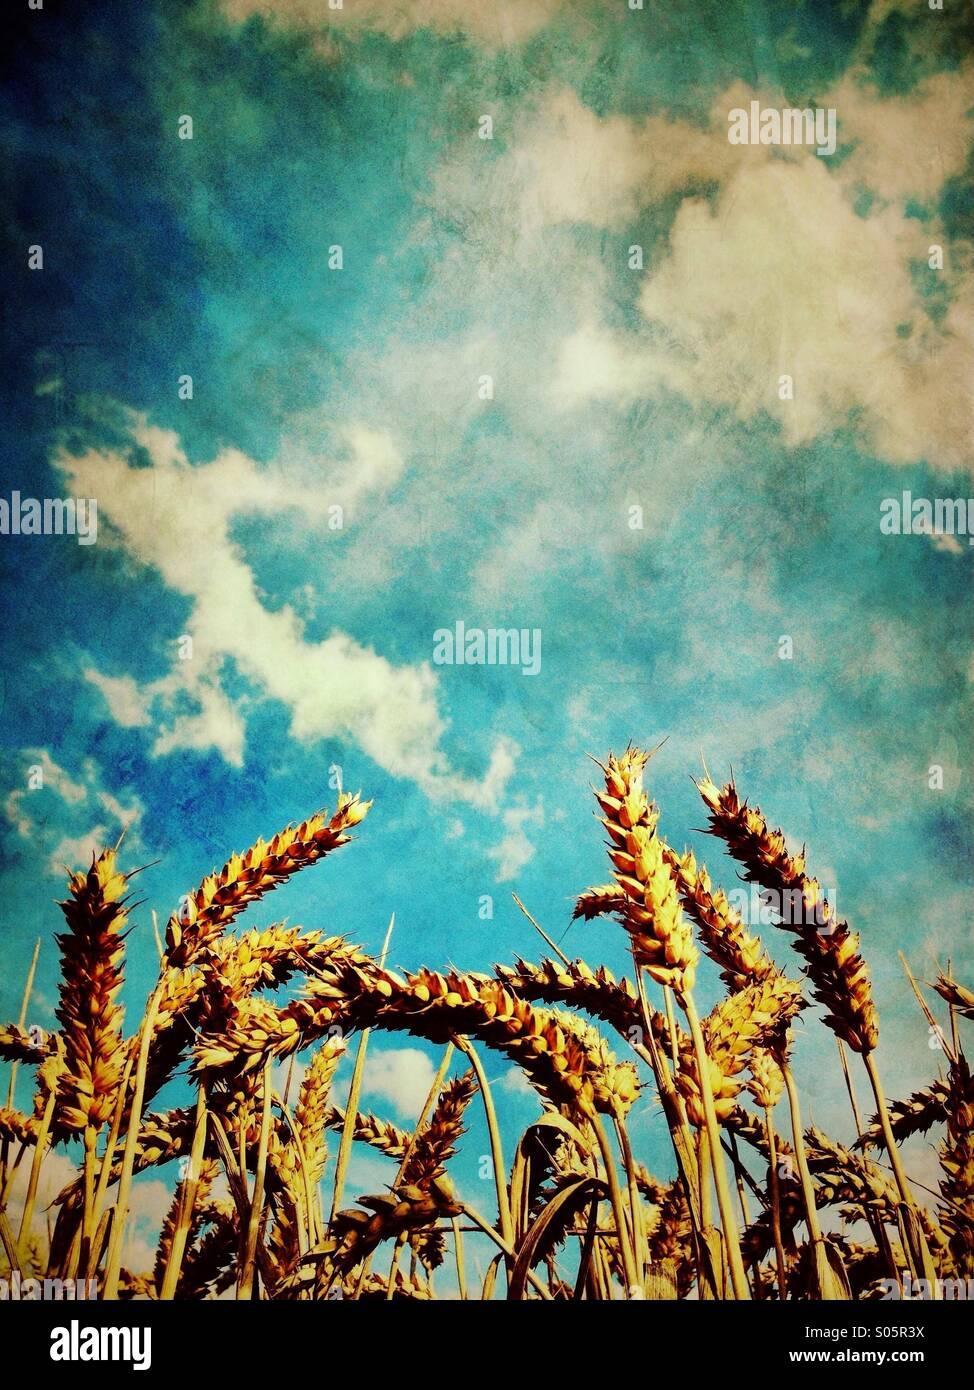 El trigo madura contra el cielo azul Imagen De Stock